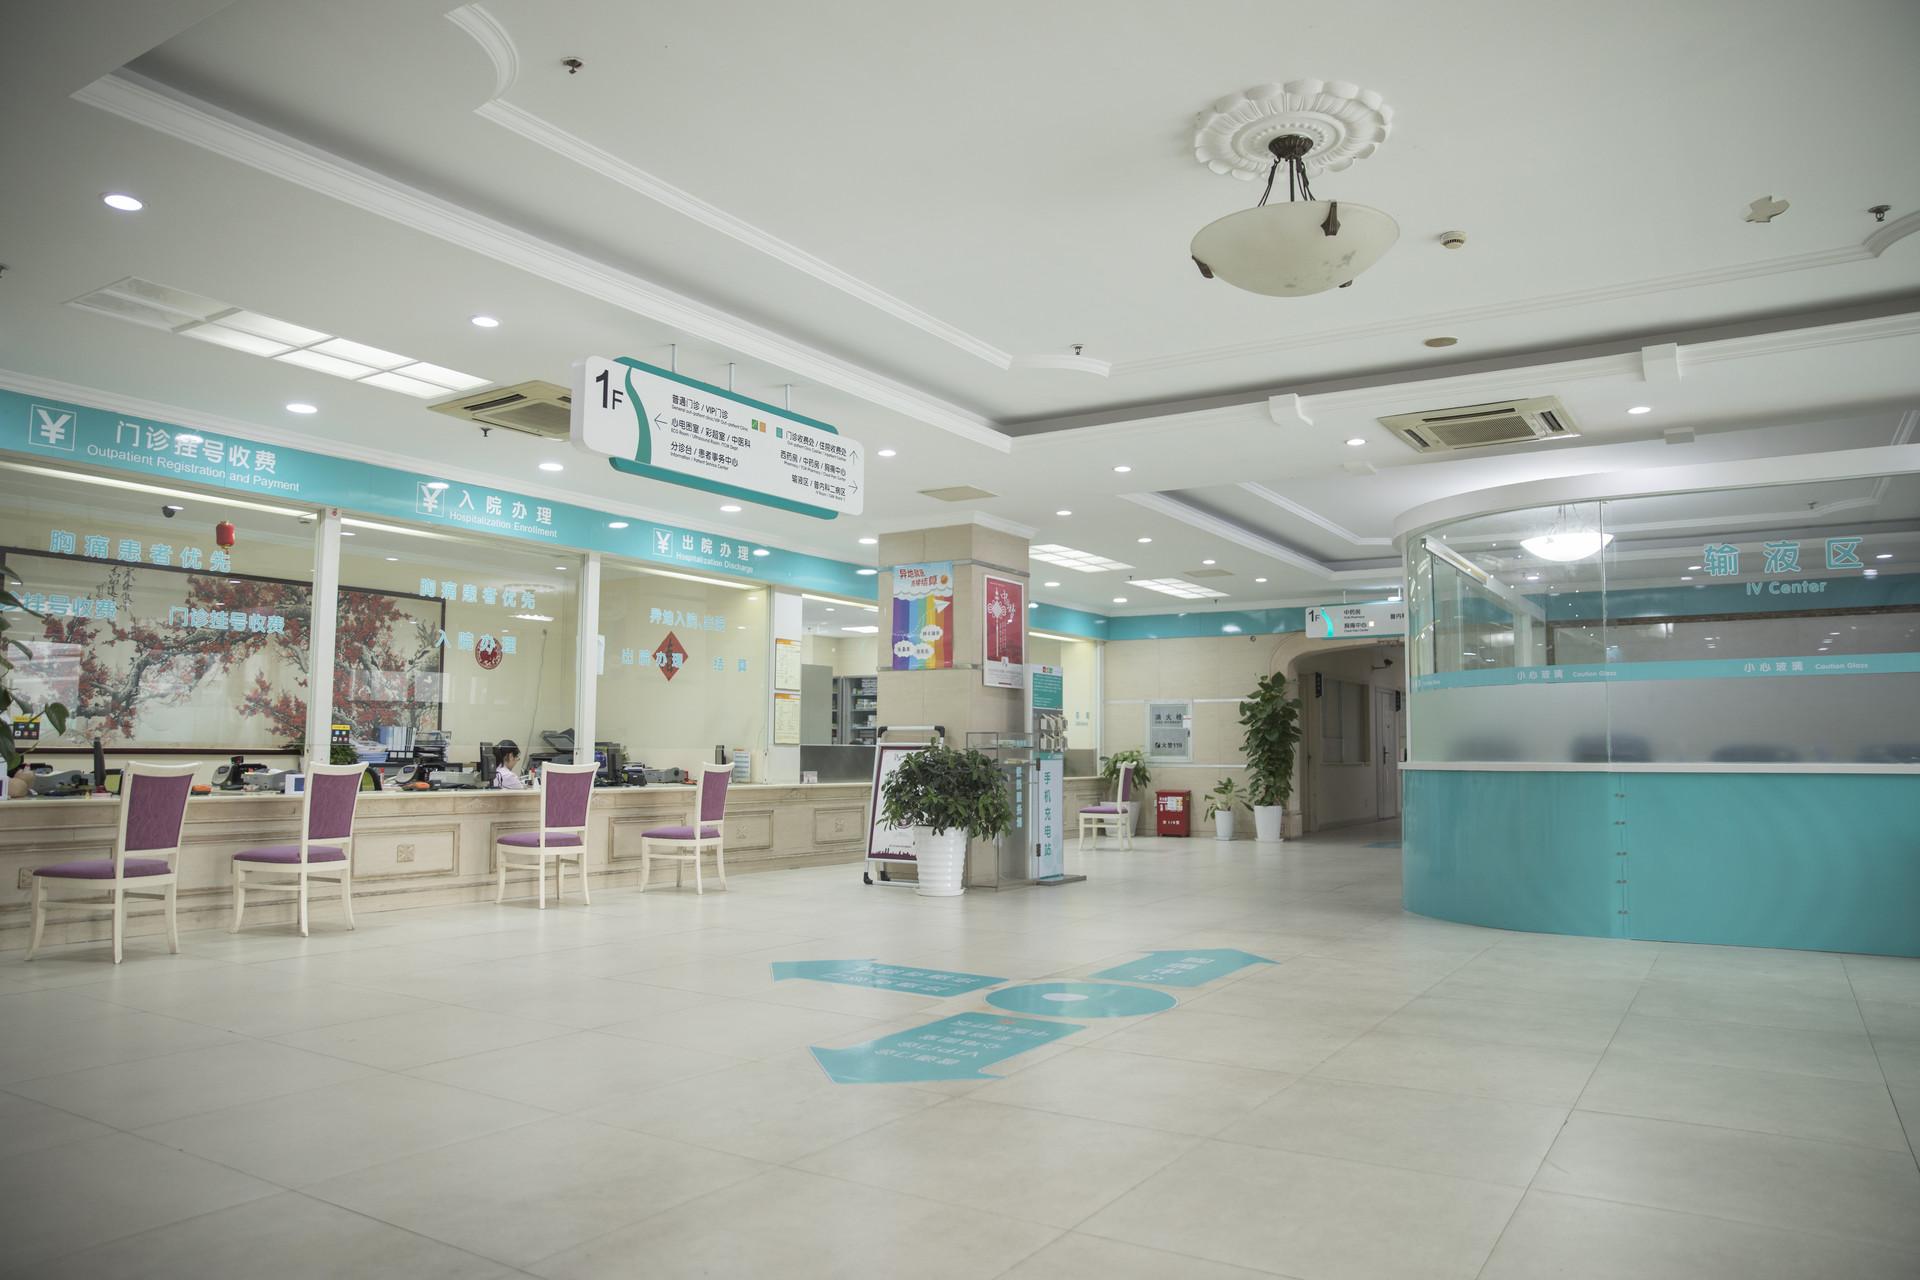 青岛多家医院发布就诊须知:病区出入管控 谢绝探视